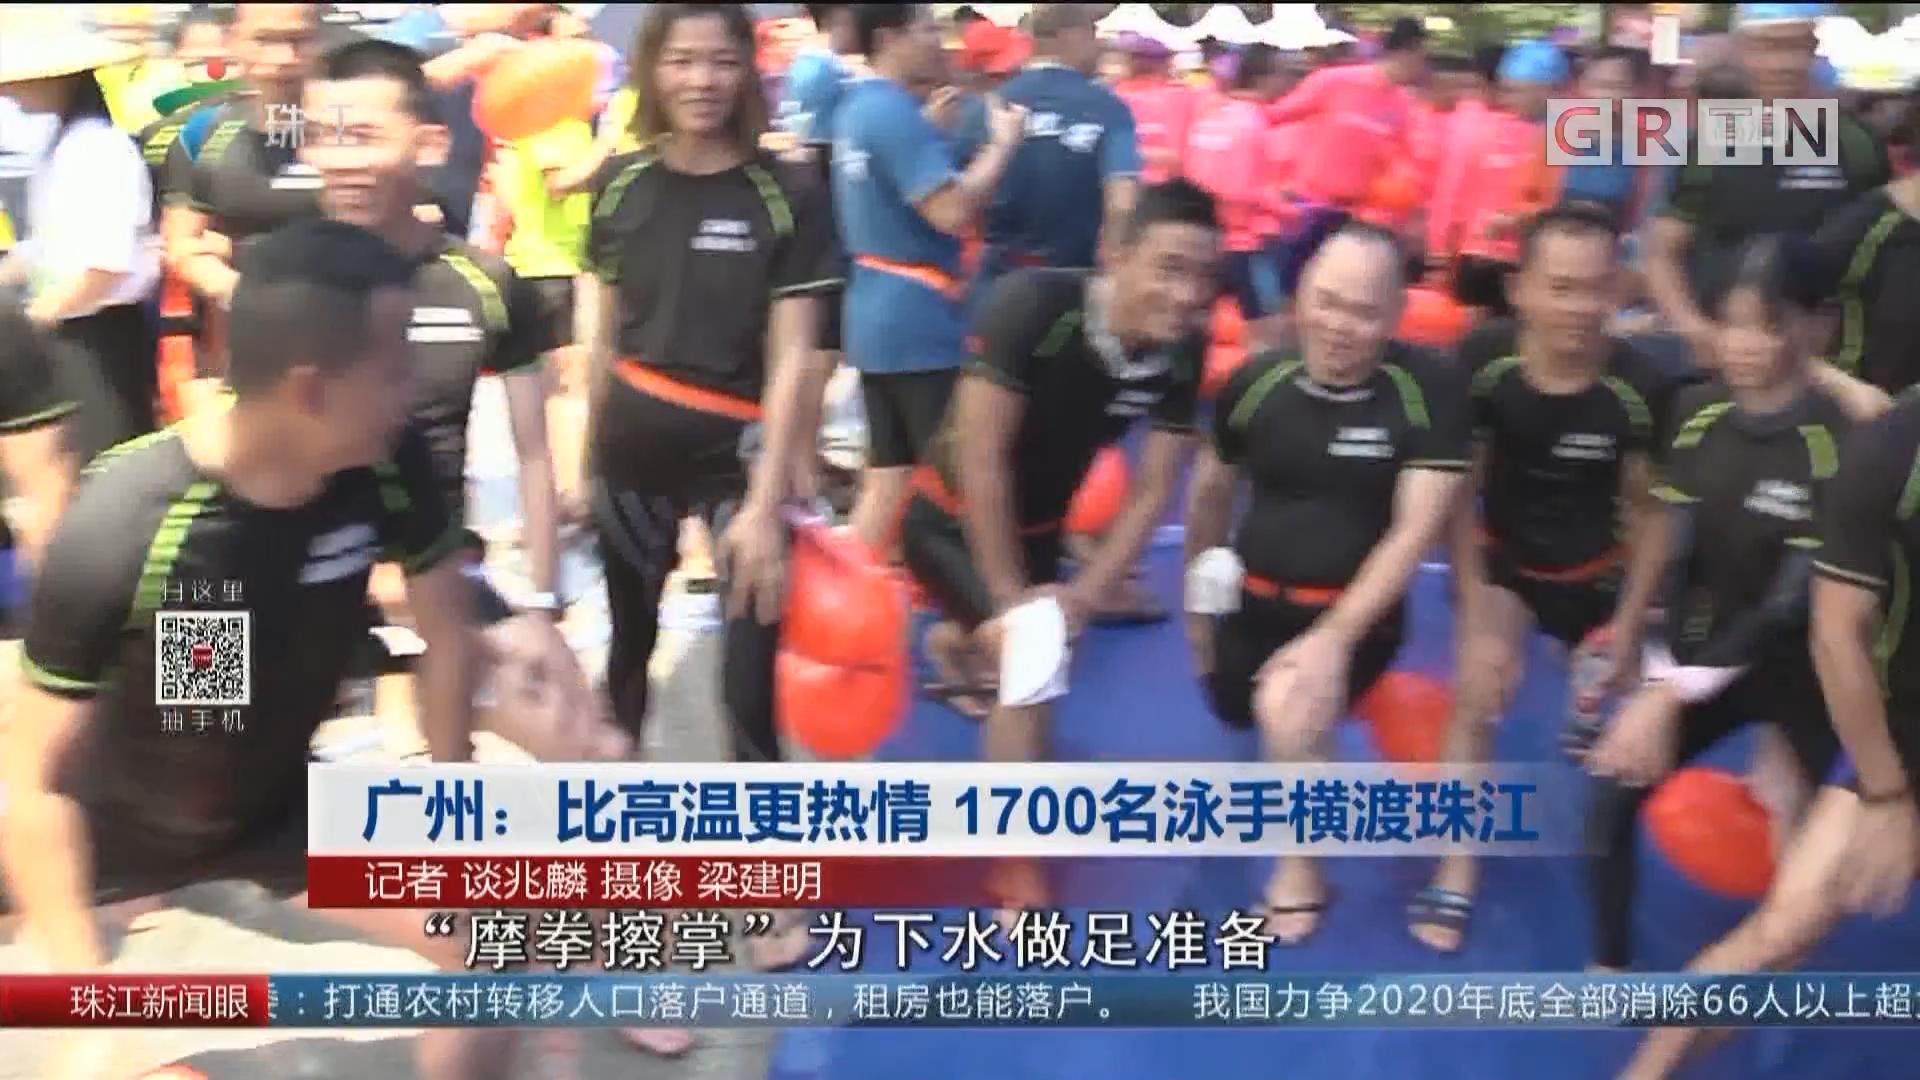 广州:比高温更热情 1700名泳手横渡珠江